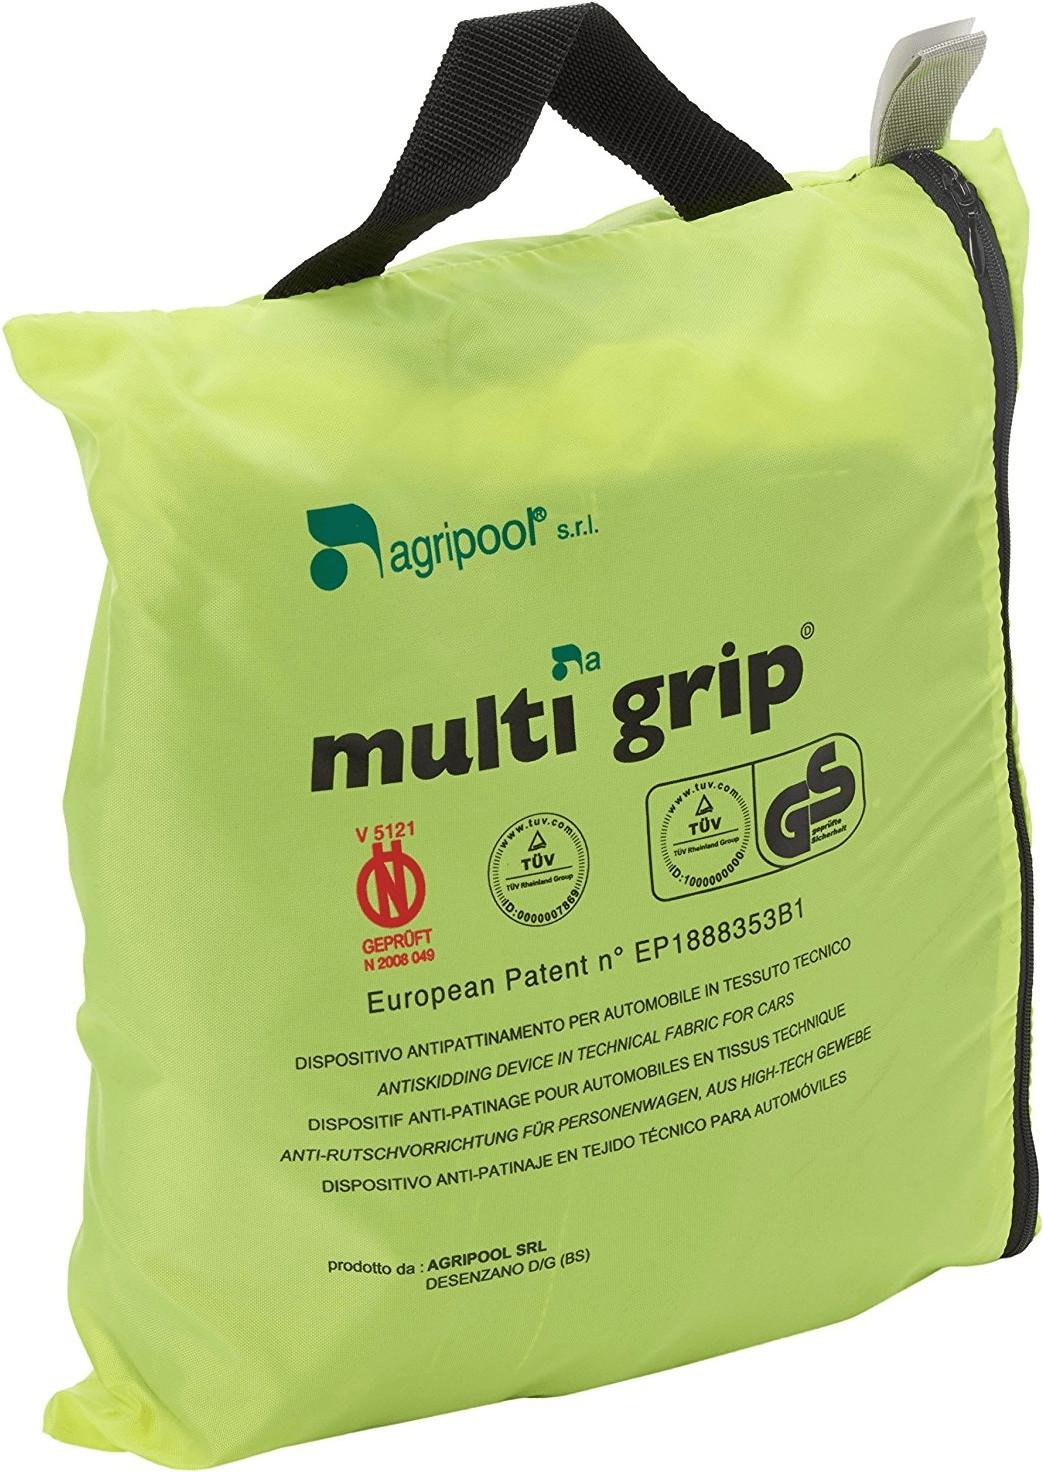 Sumex Multigrip 79